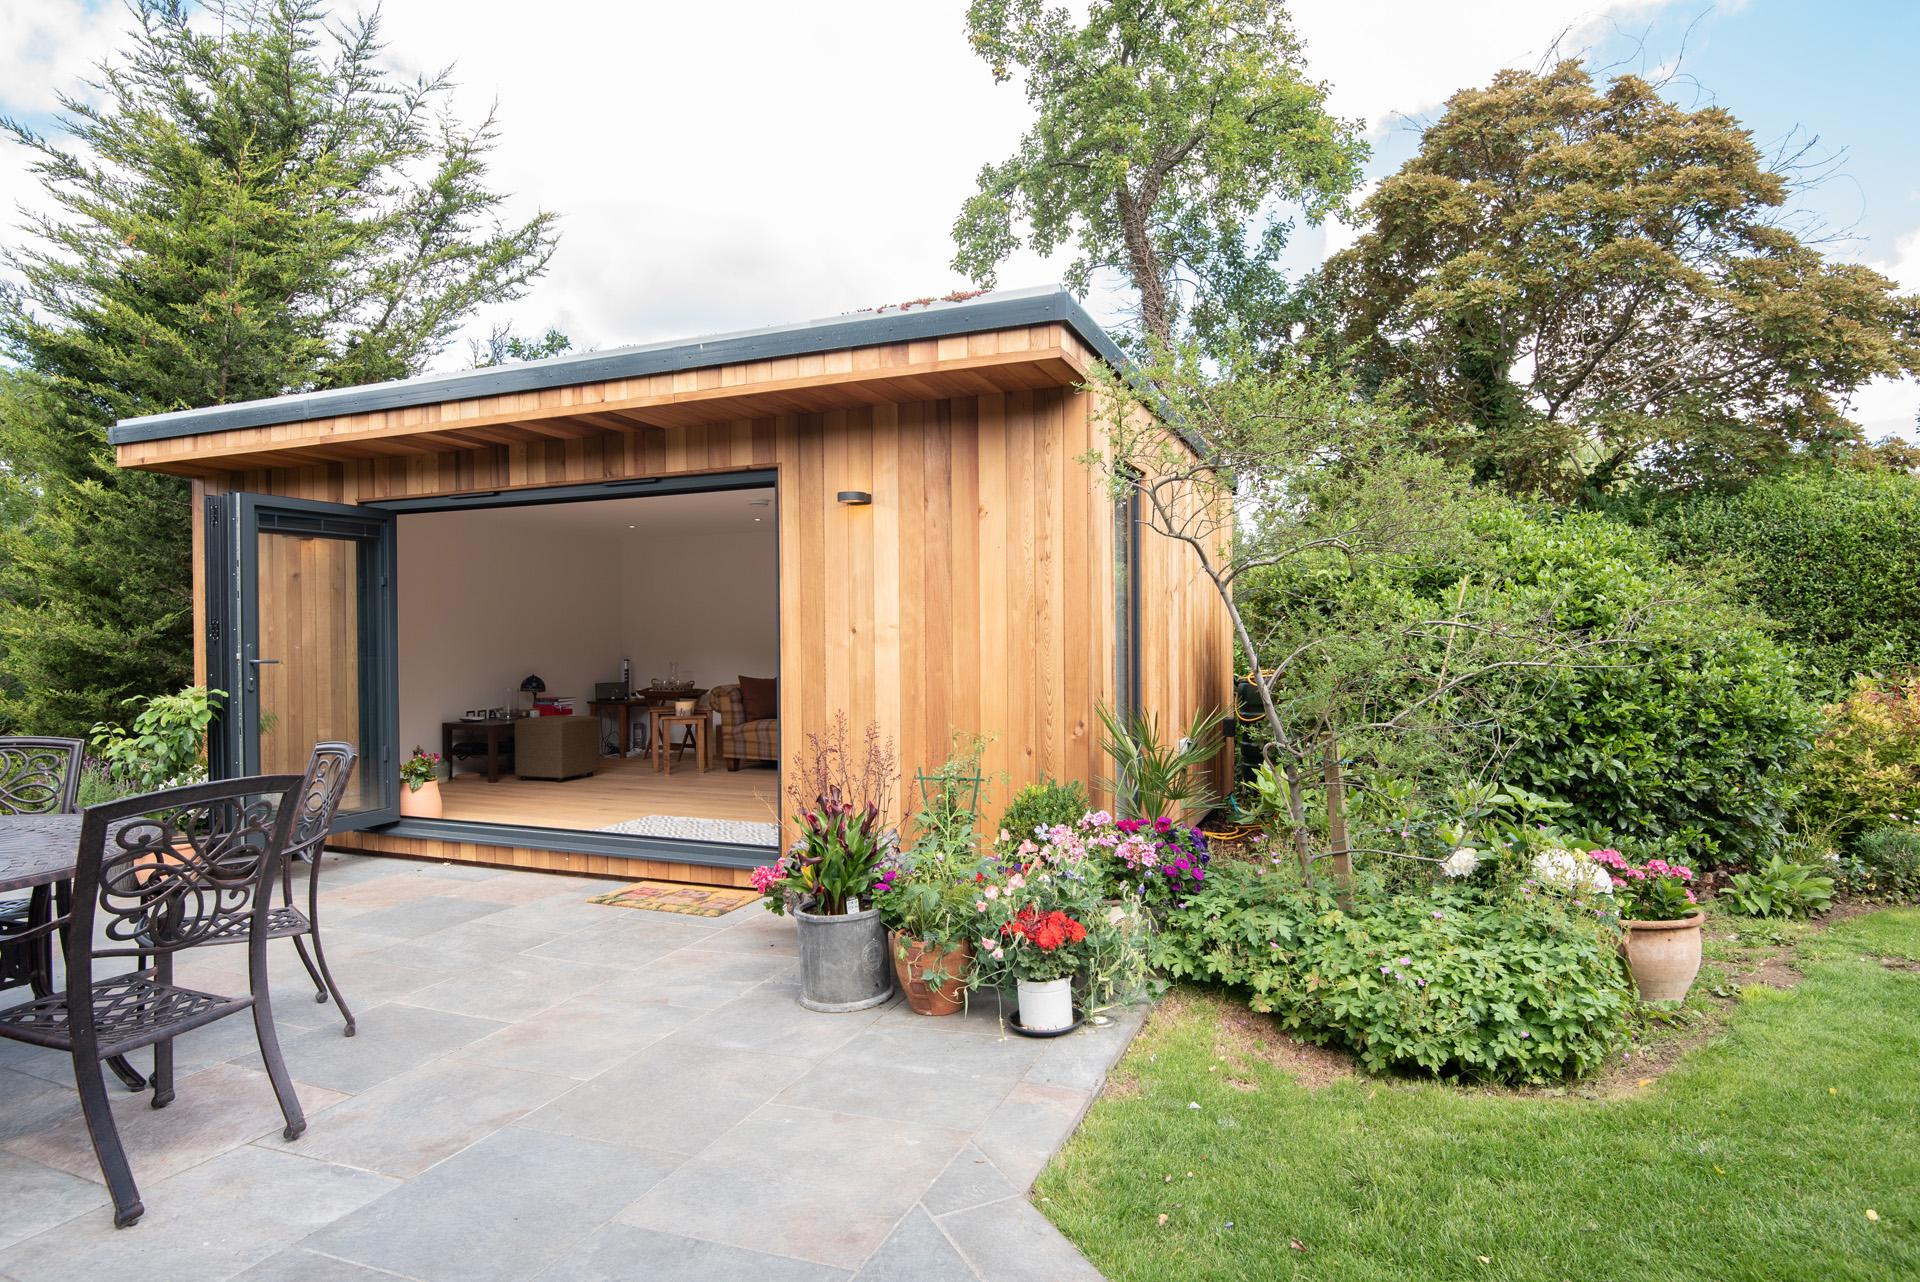 Beautiful garden room in Upminster, Essex